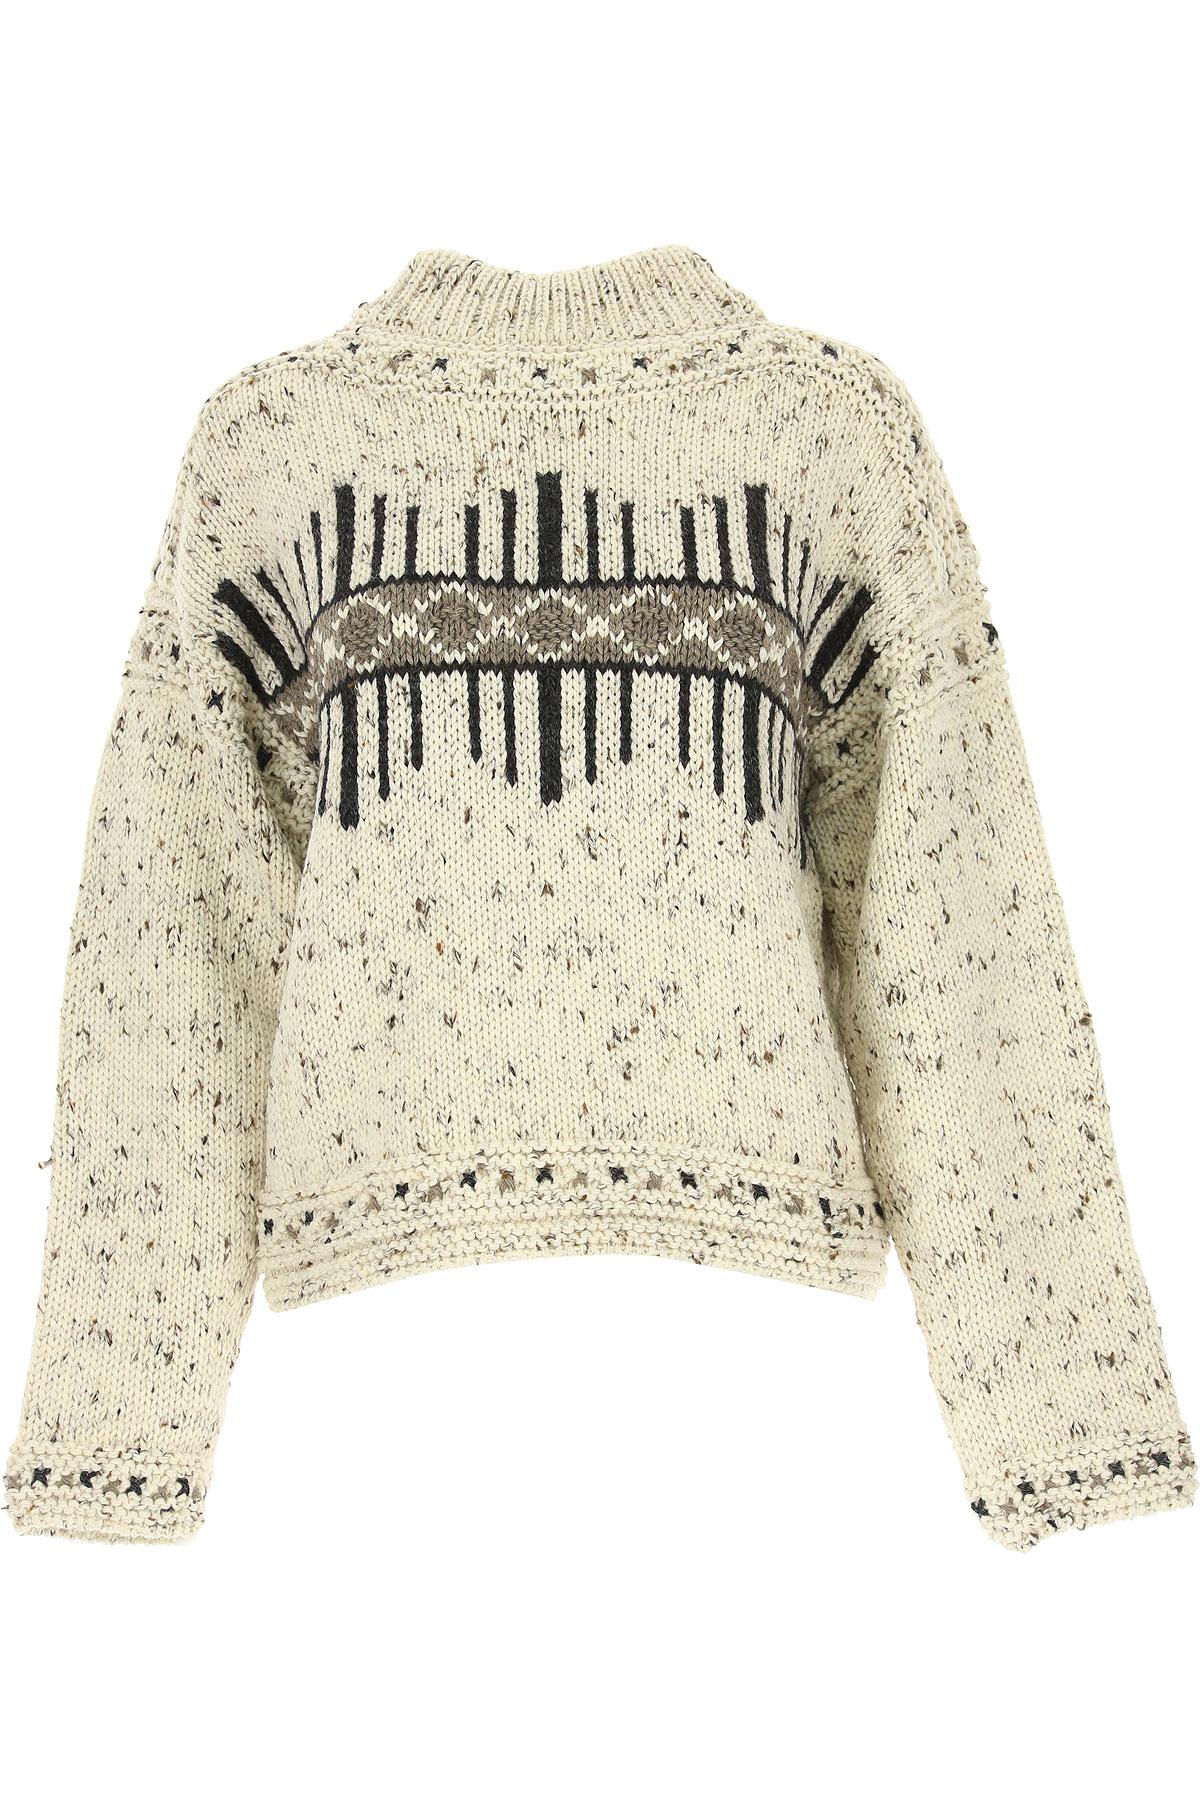 Isabel Marant Sweater for Women Jumper, Ecru, Wool, 2017, FR 34 • IT 38 FR 36 • IT 40 FR 38 • IT 42 USA-478742